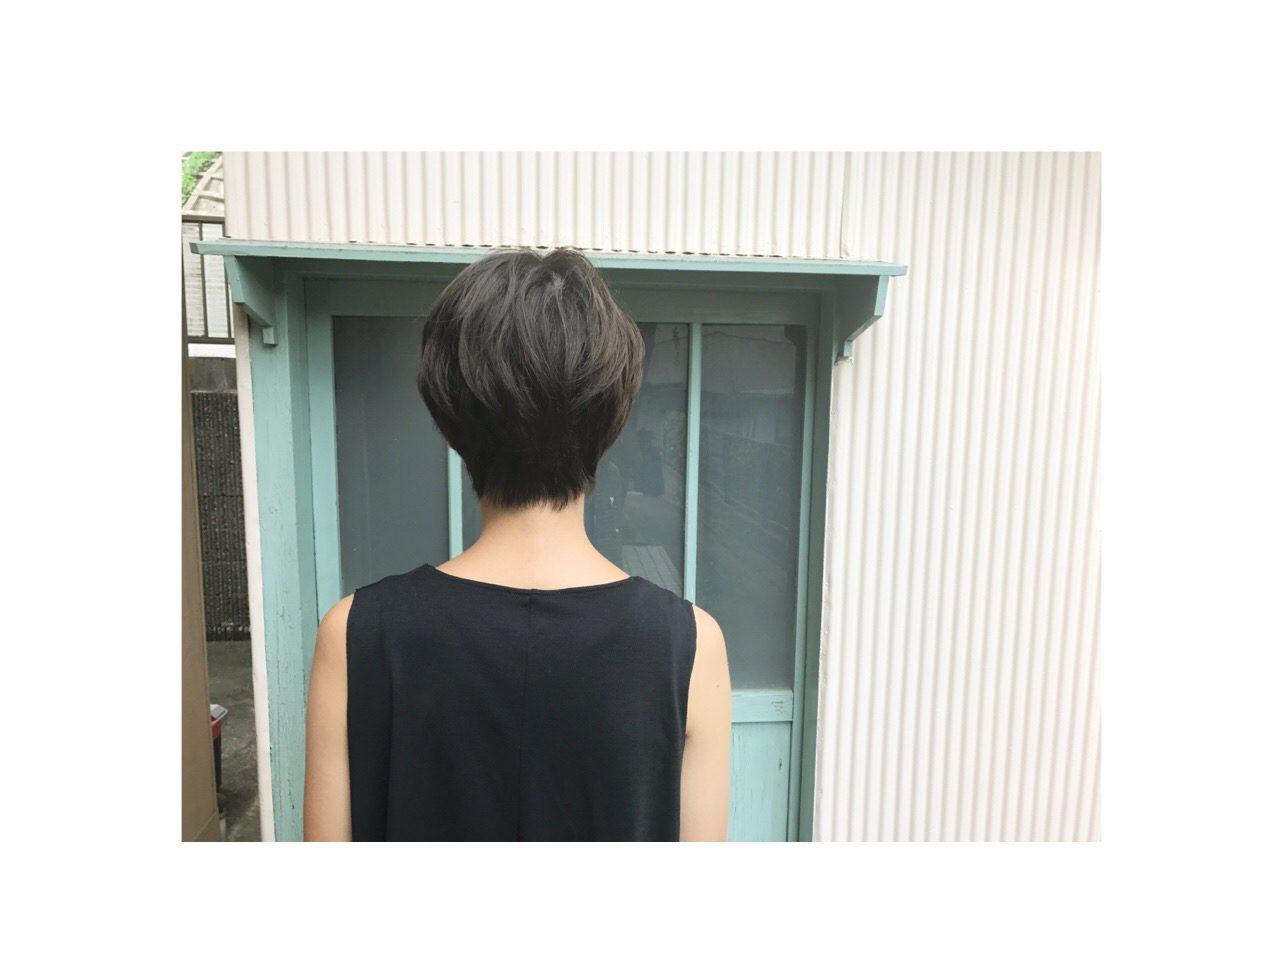 髪を切って来ました(o^^o)+いきなりですが、数秘術のお話。